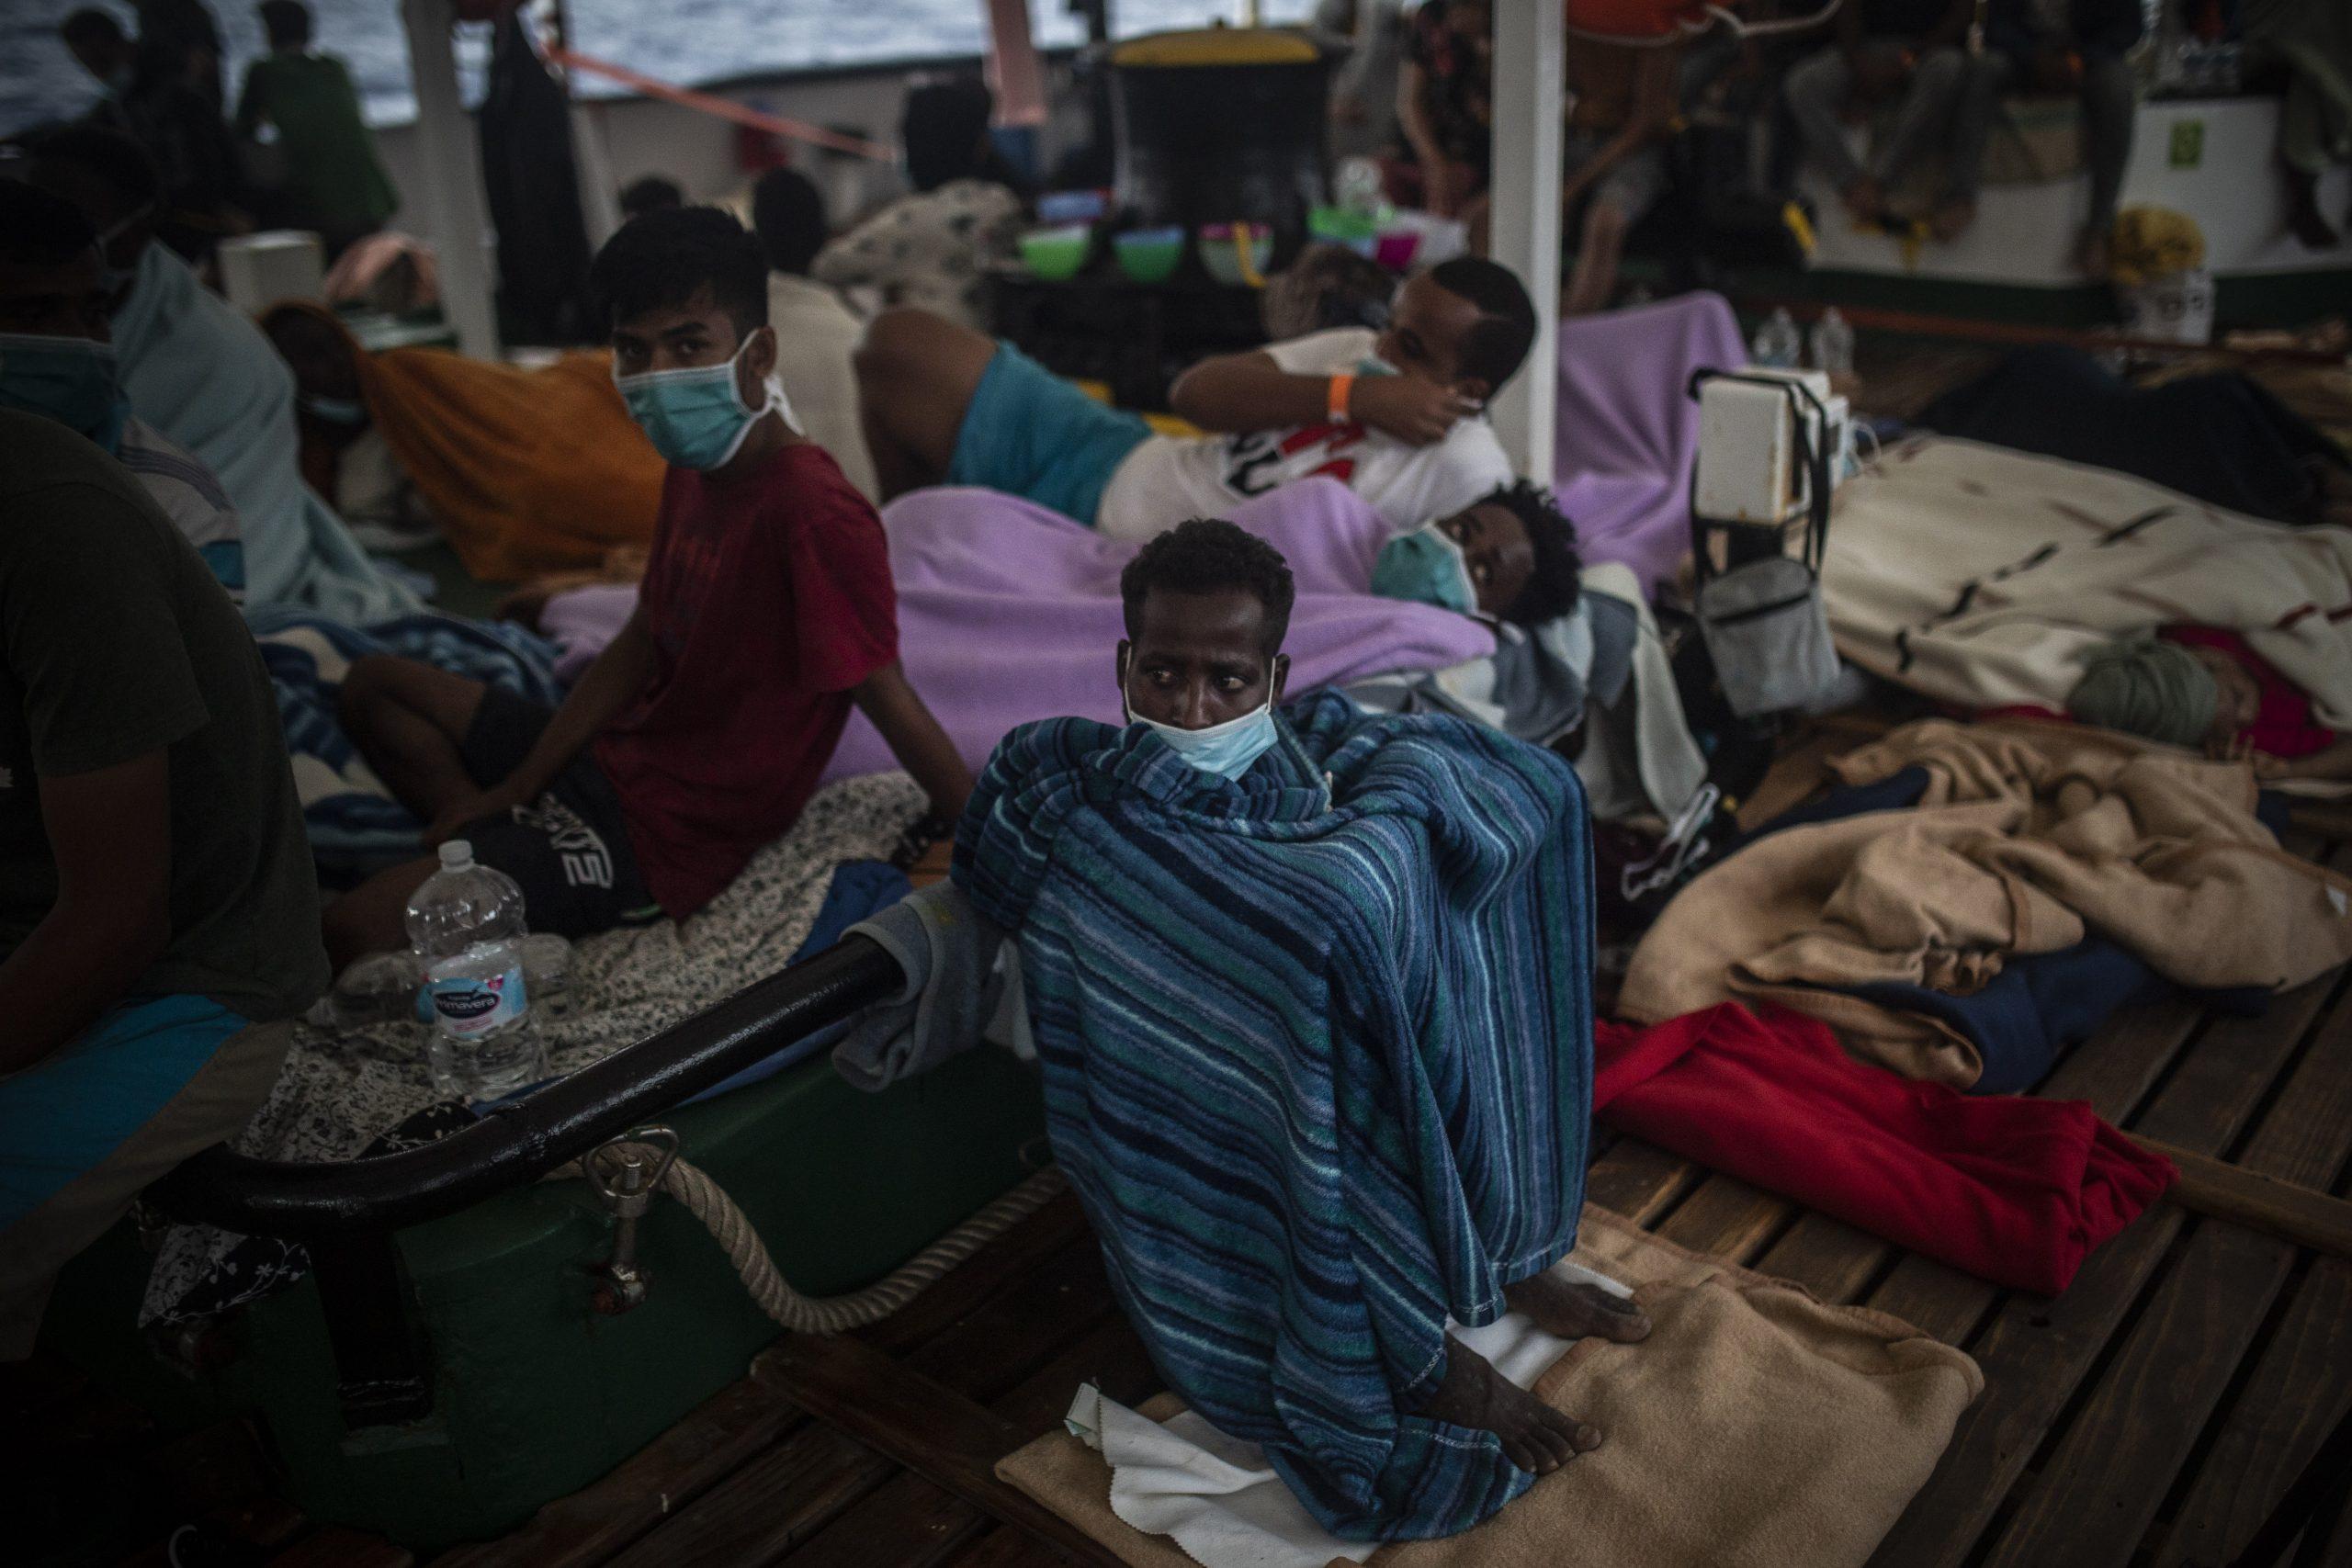 L'allarme che arriva dalla Somalia: in aumento i migranti verso l'Italia